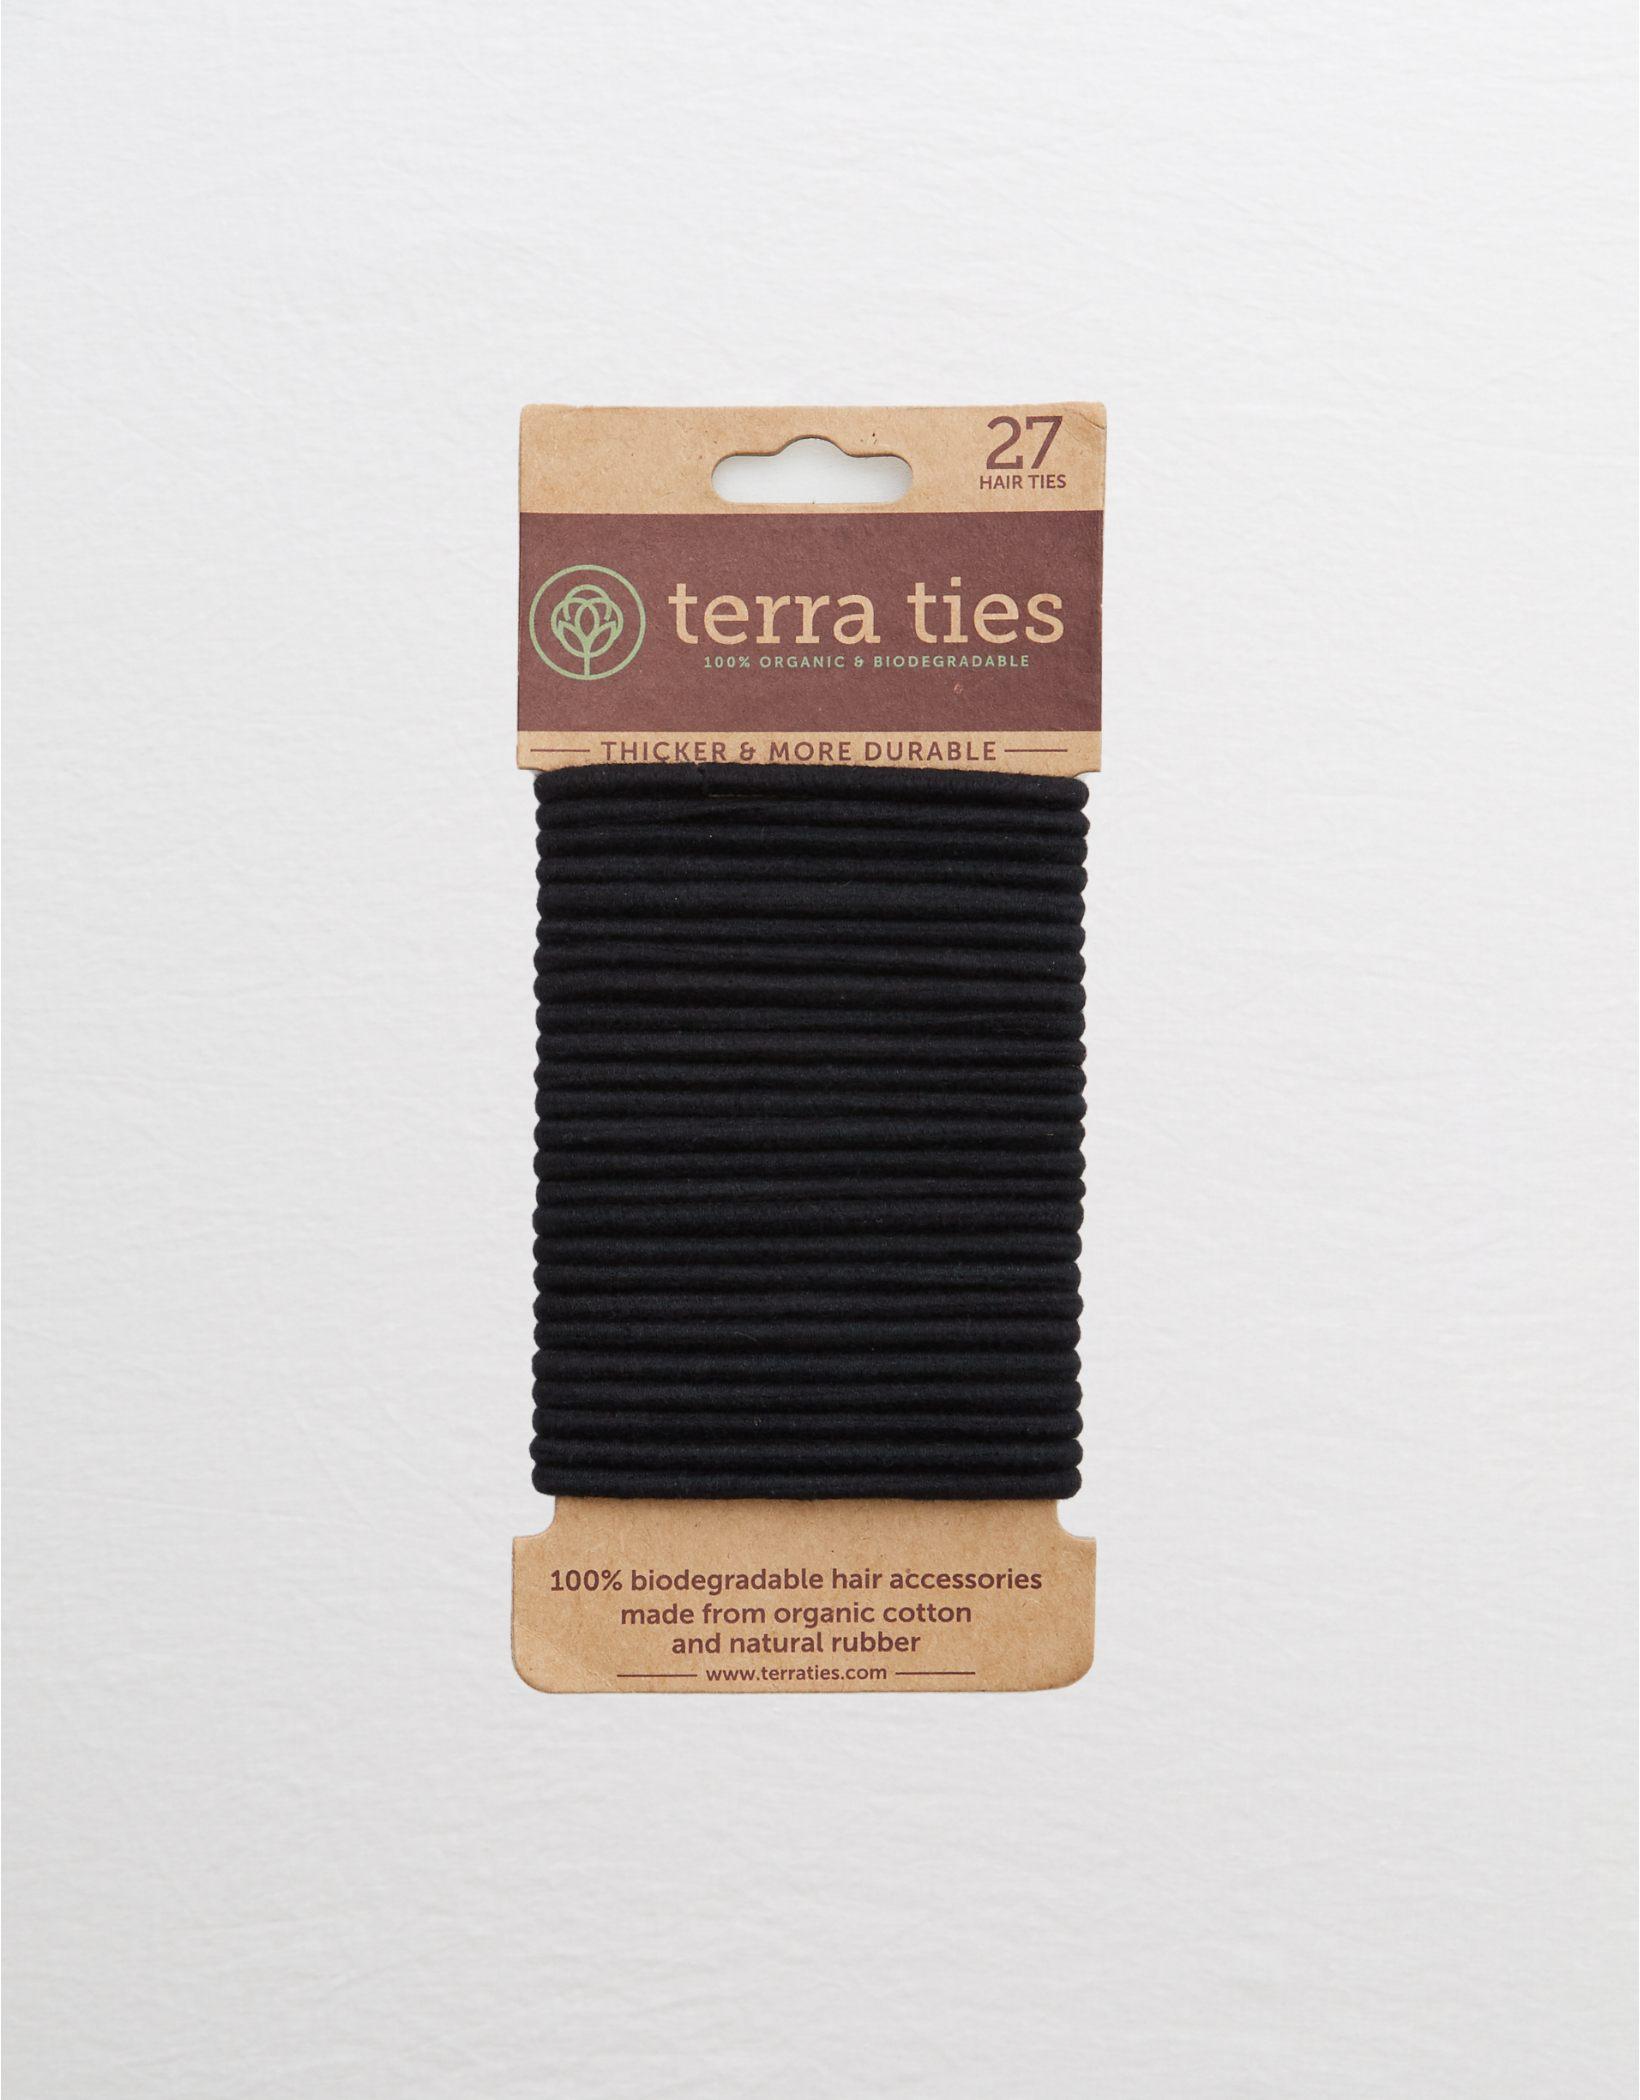 Terra Ties Biodegradable Organic Hair Ties